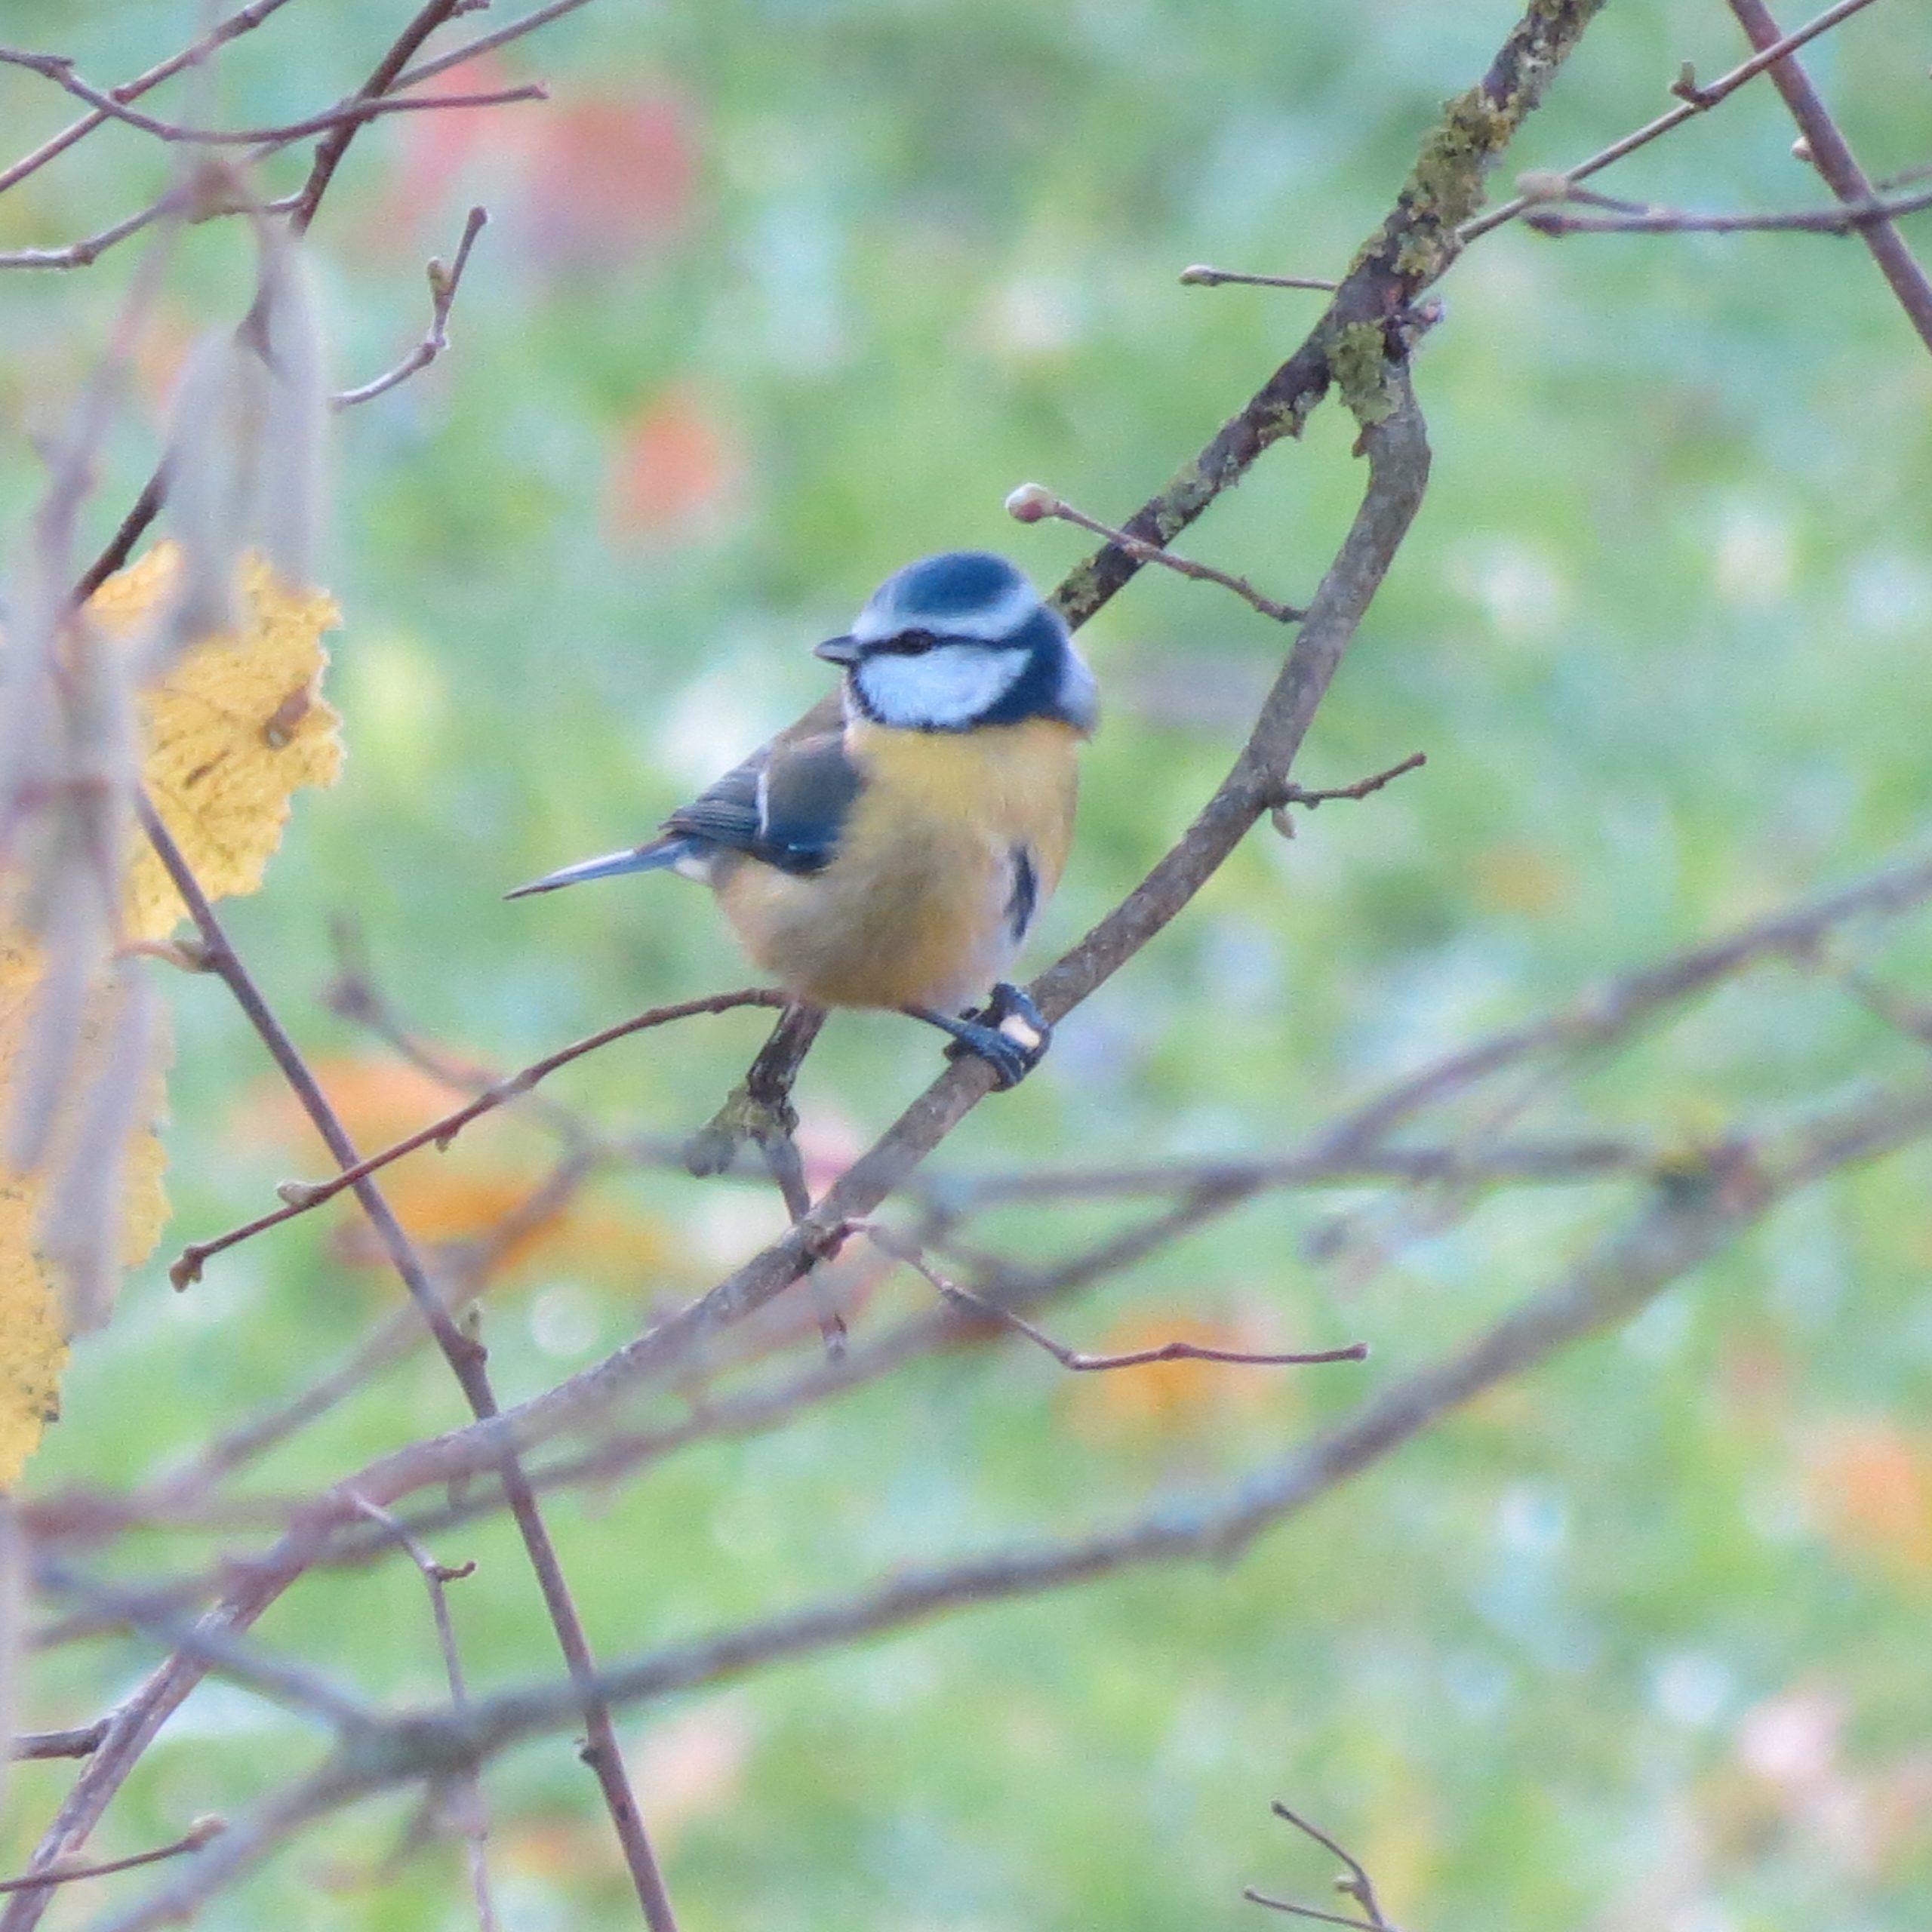 Mésange bleue sur une branche